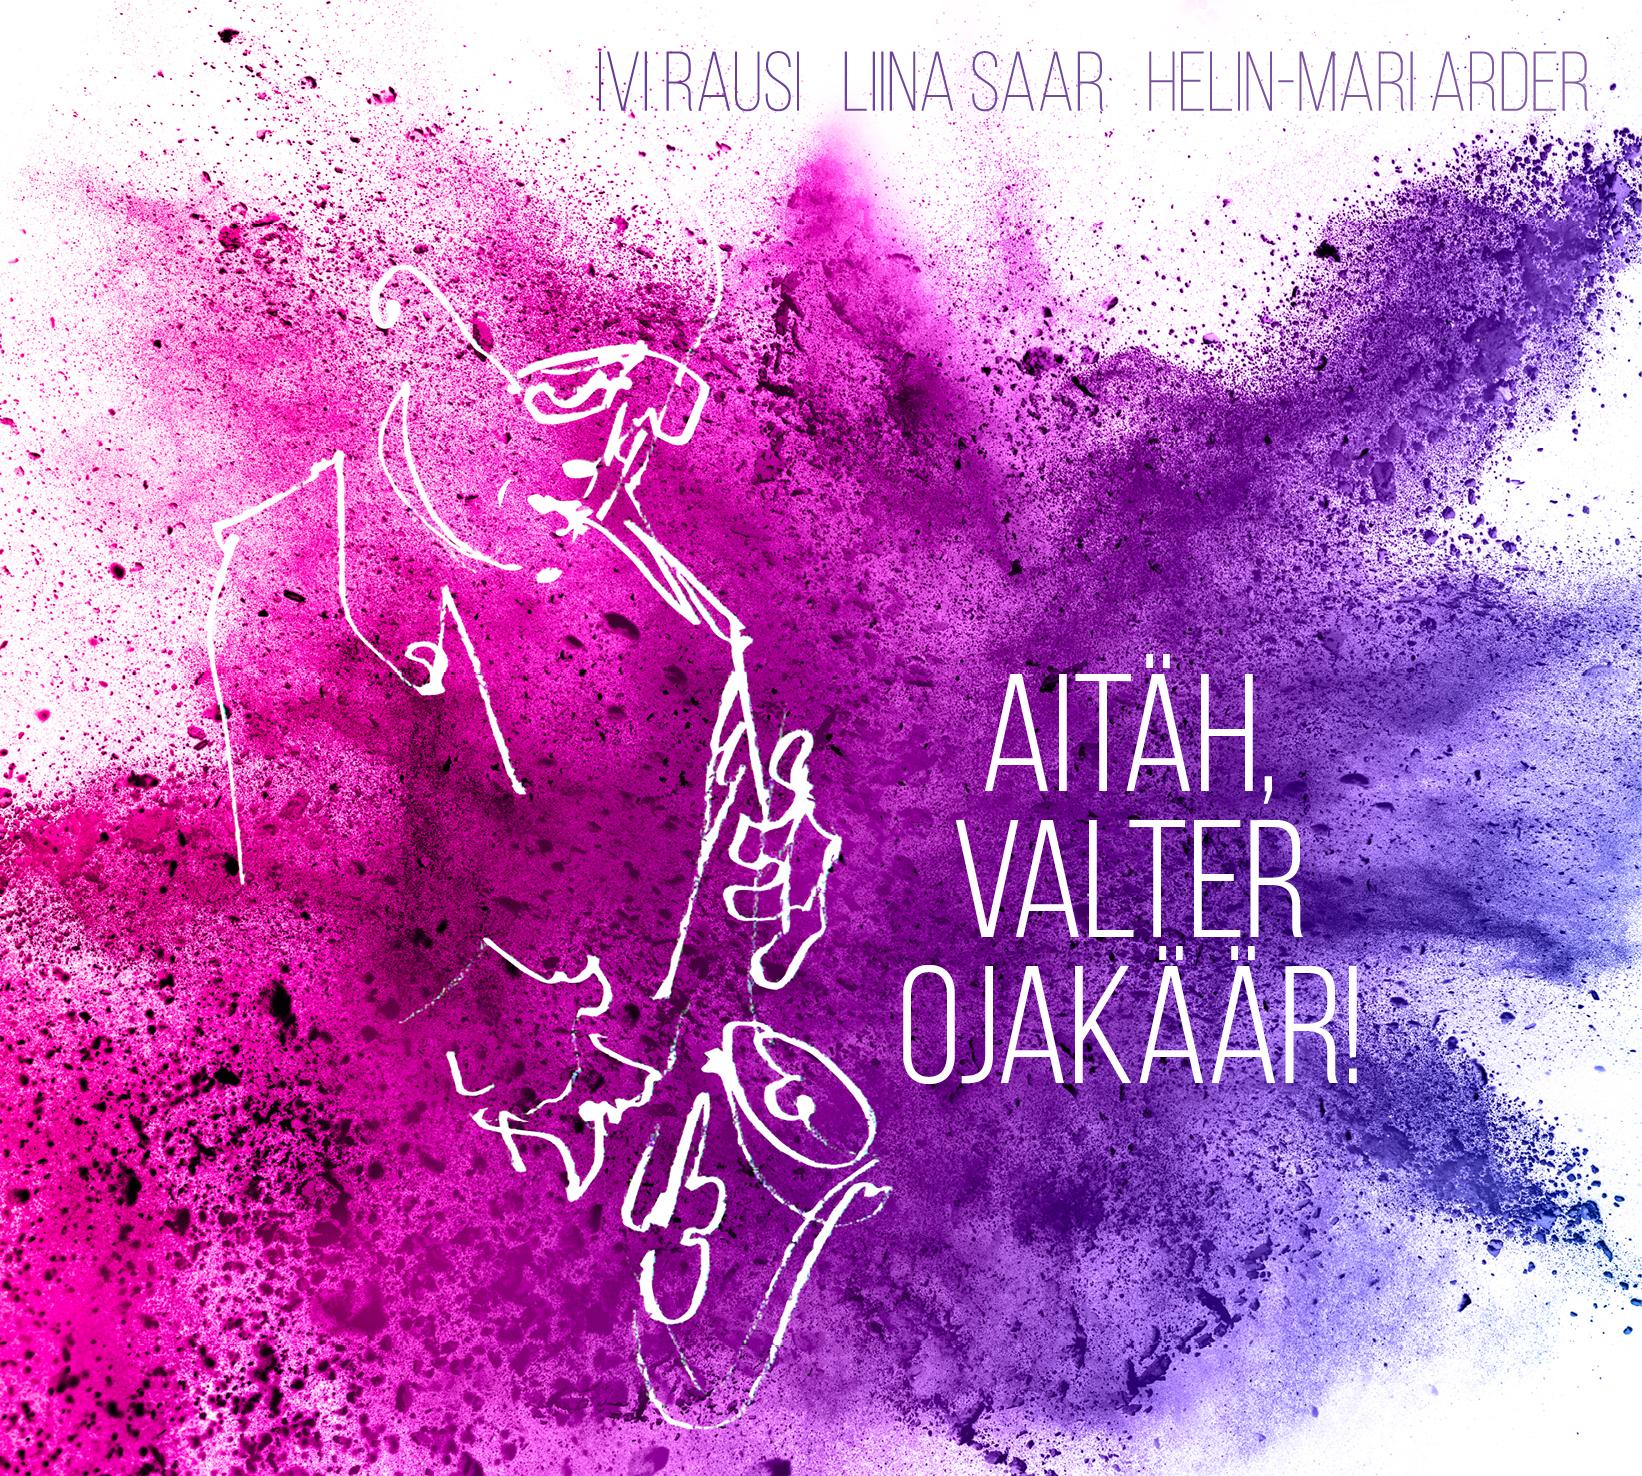 AITAH_VALTER_OJAKAAR_kaas.jpg